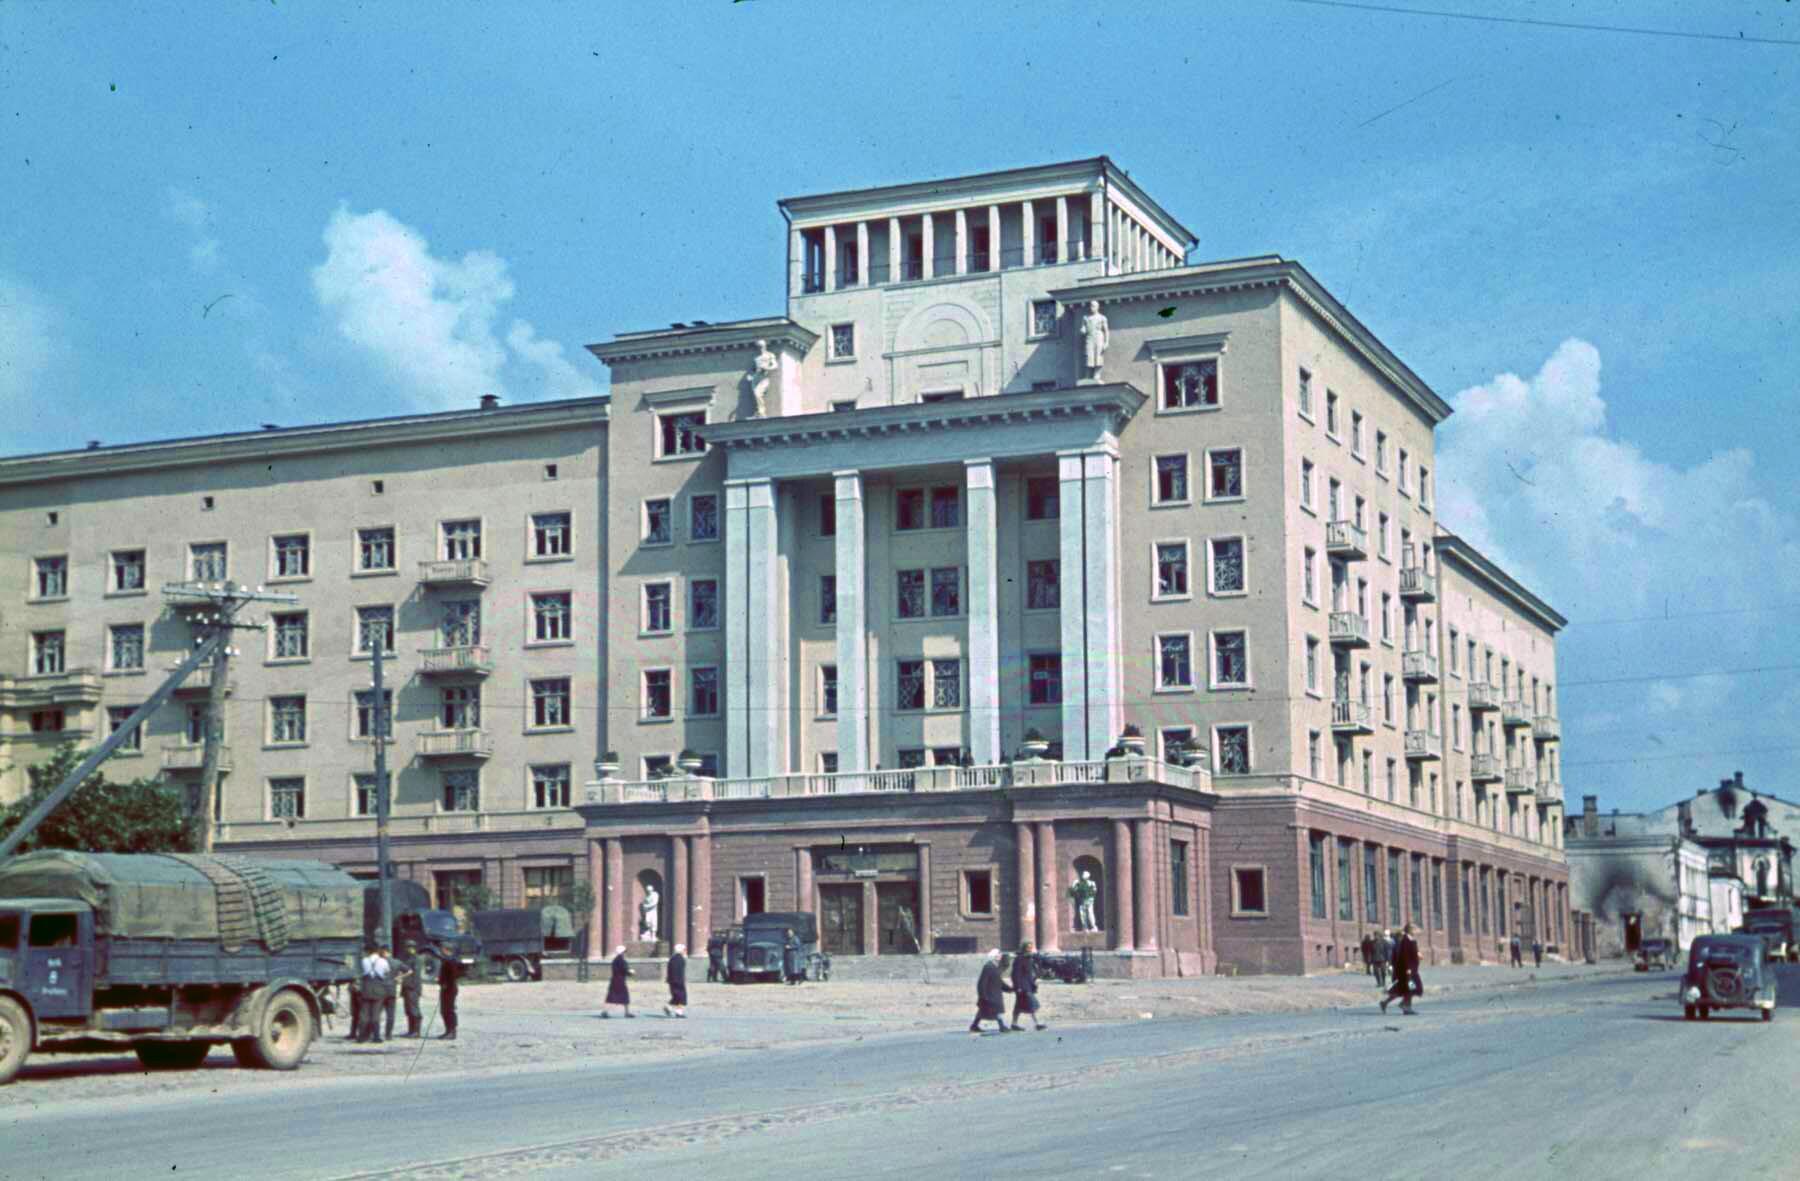 Смоленск в августе 1941-го 1941 Hotels Smolensk, Smolensk, August 1941f